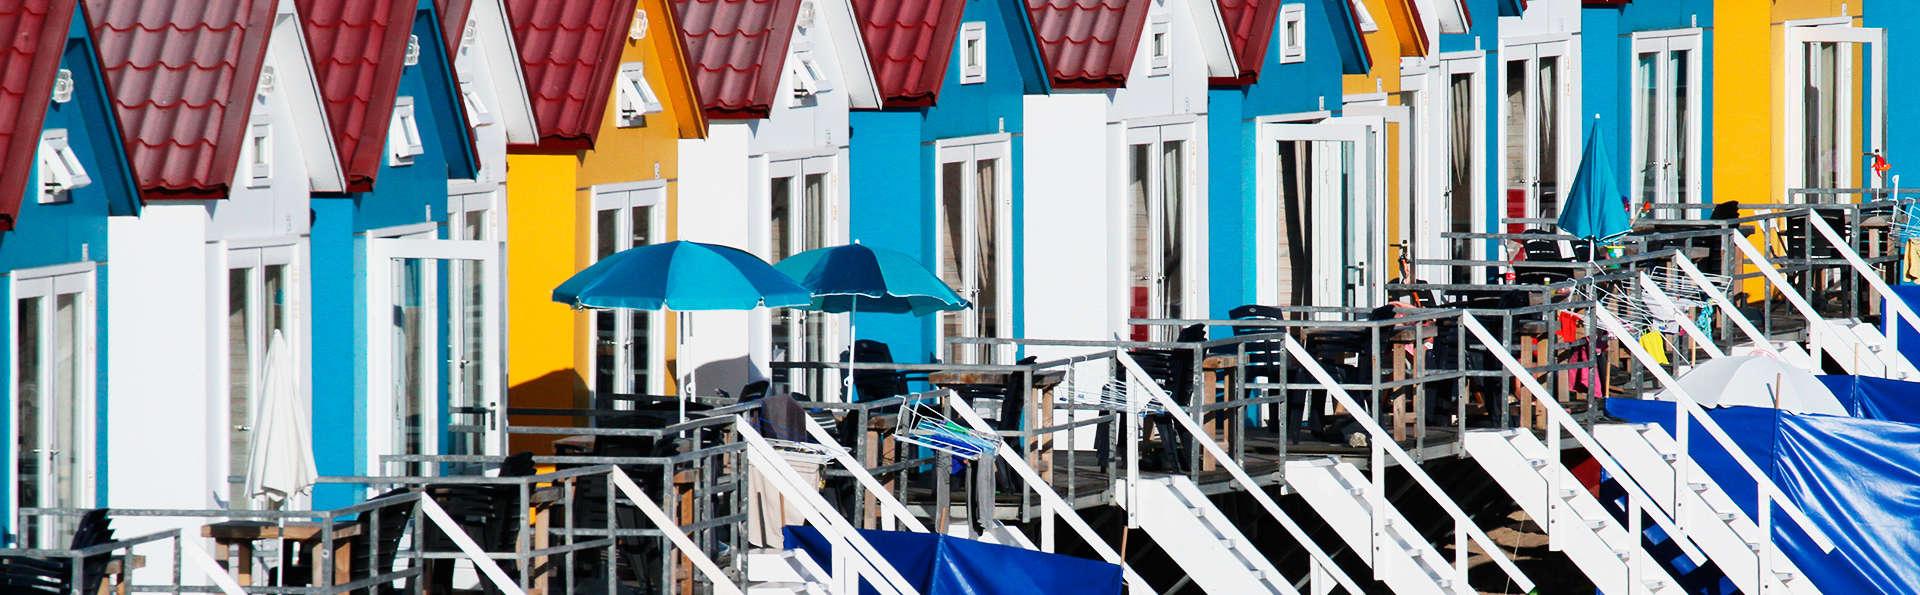 Weekend weg met diner aan de kust van Vlissingen (vanaf 2 nachten)